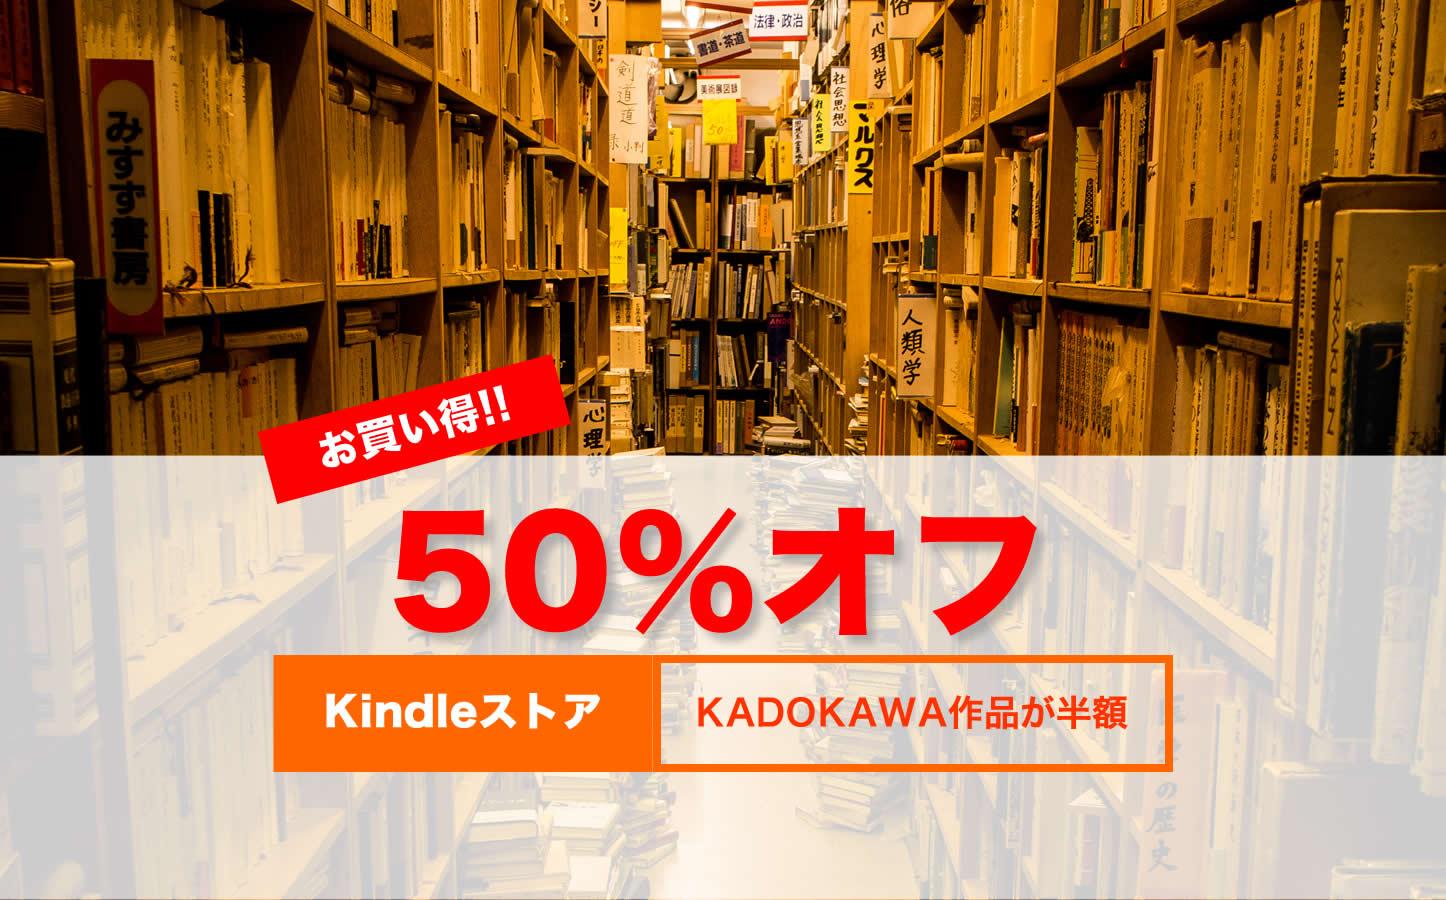 50percent off sale